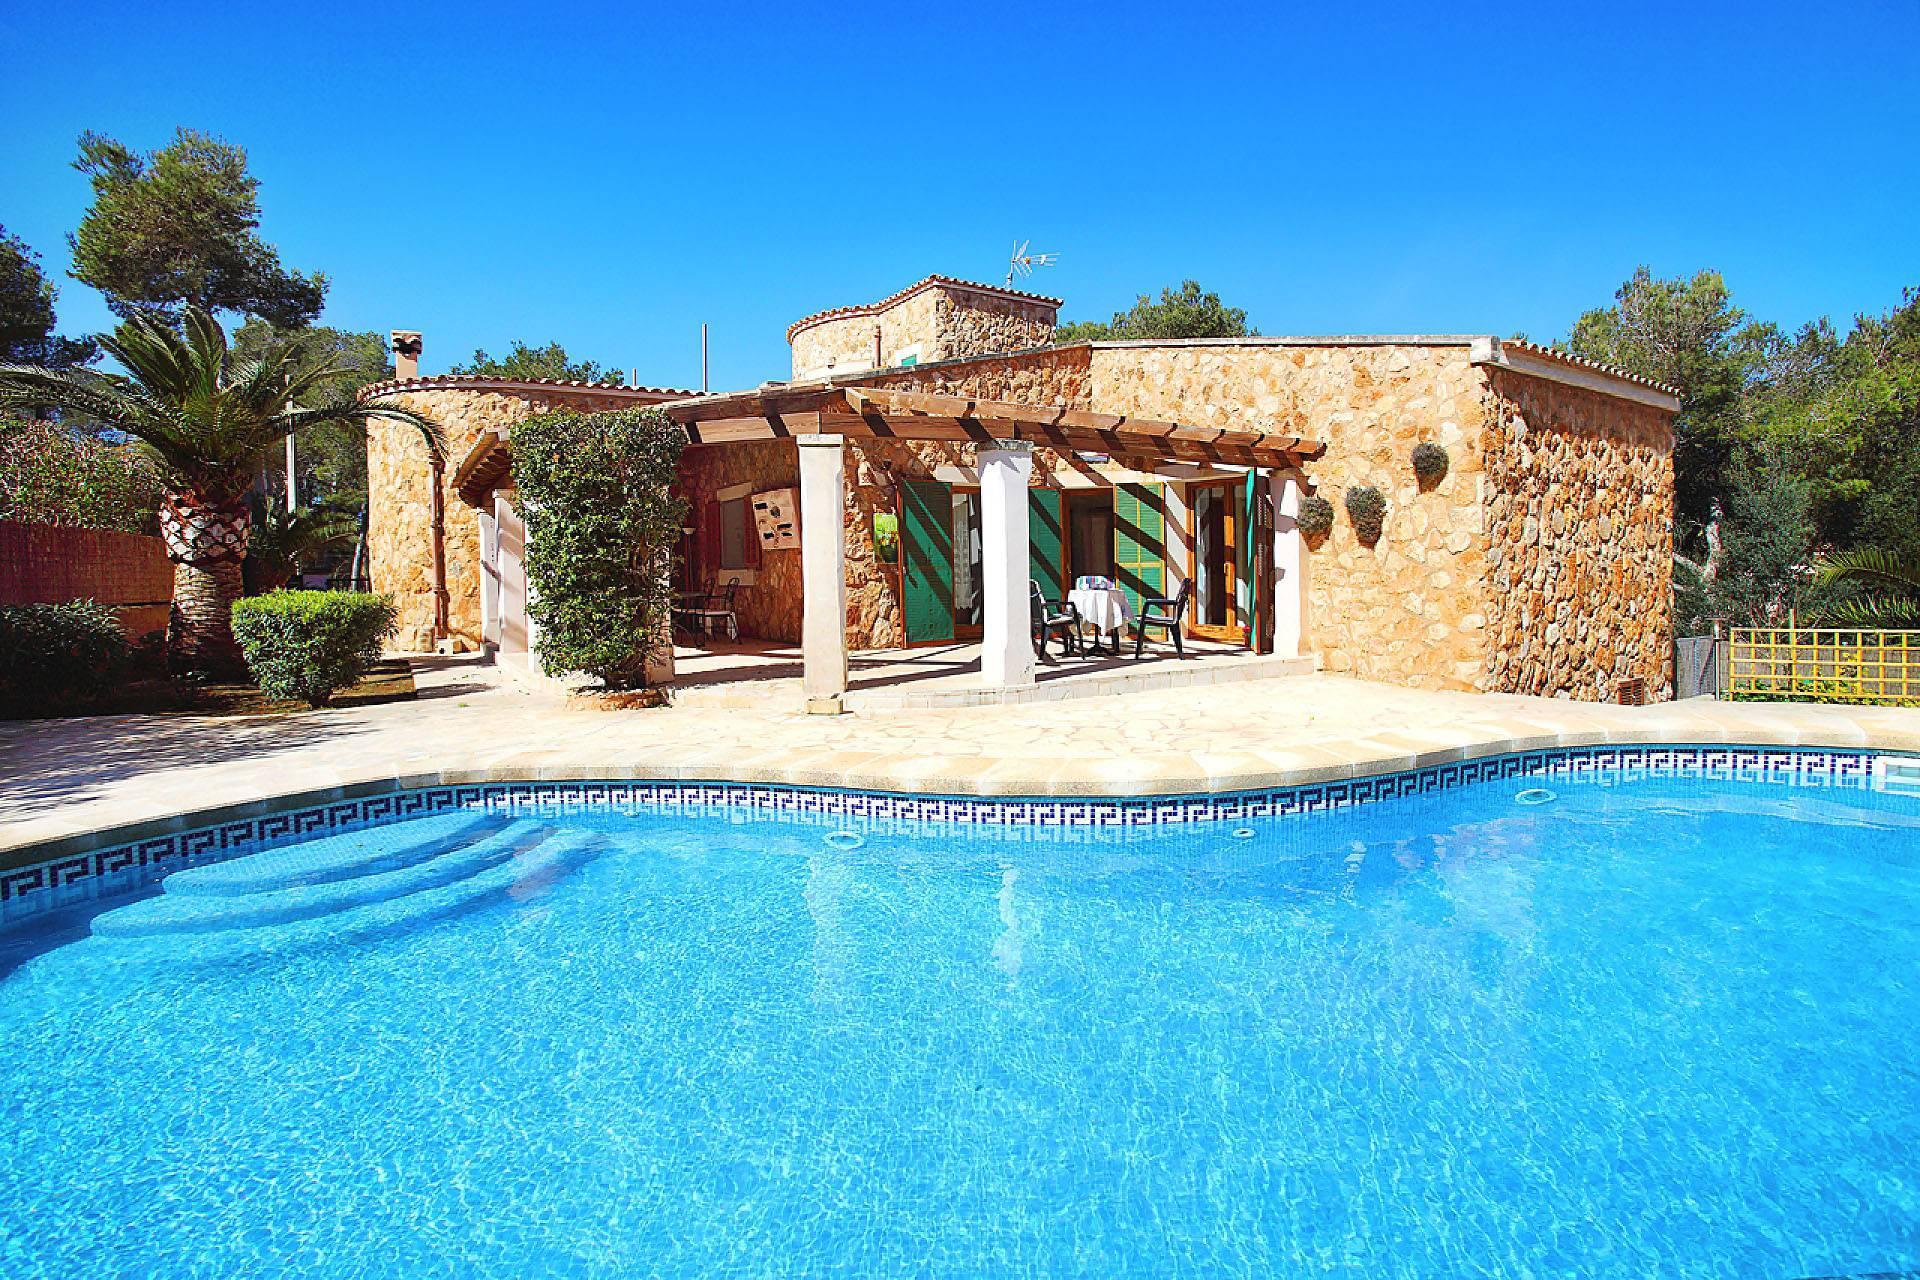 01-174 Gemütliches Ferienhaus Mallorca Süden Bild 3